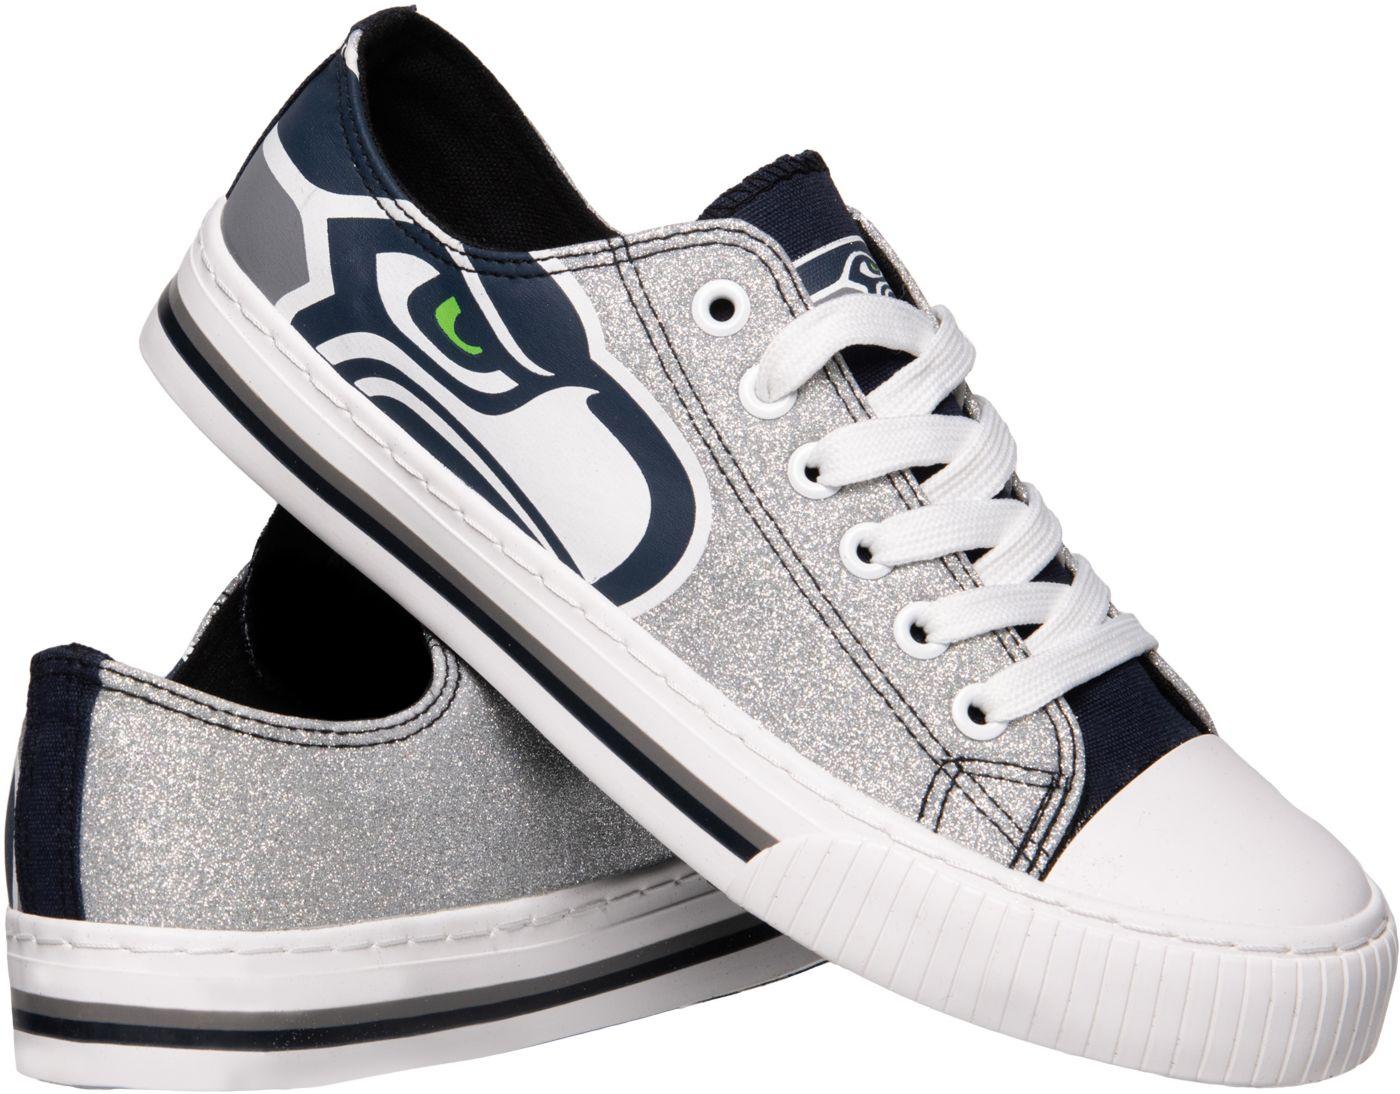 FOCO Seattle Seahawks Women's Glitter Canvas Shoes